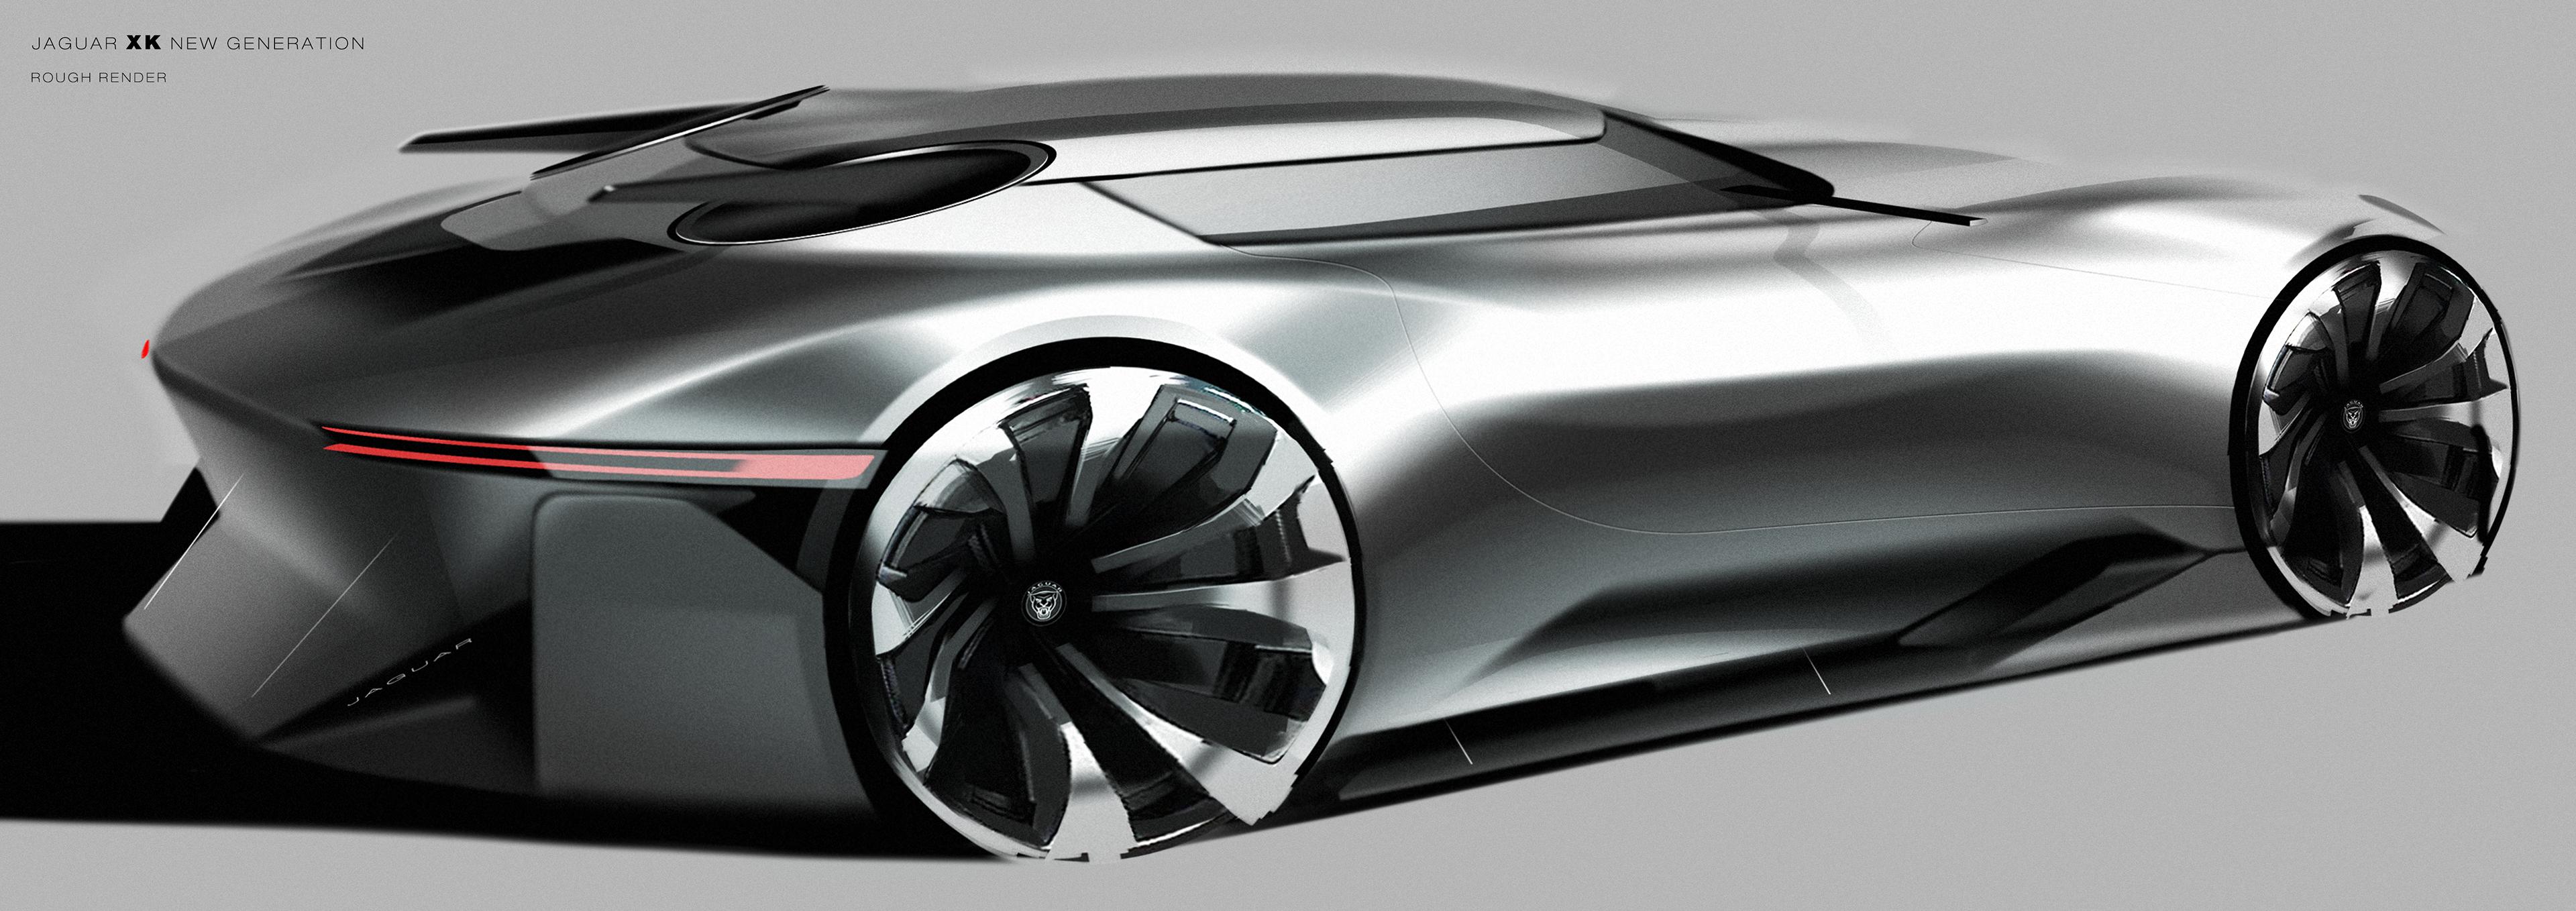 Jaguar Xk New Generation On Behance Auto Ext 行 外饰